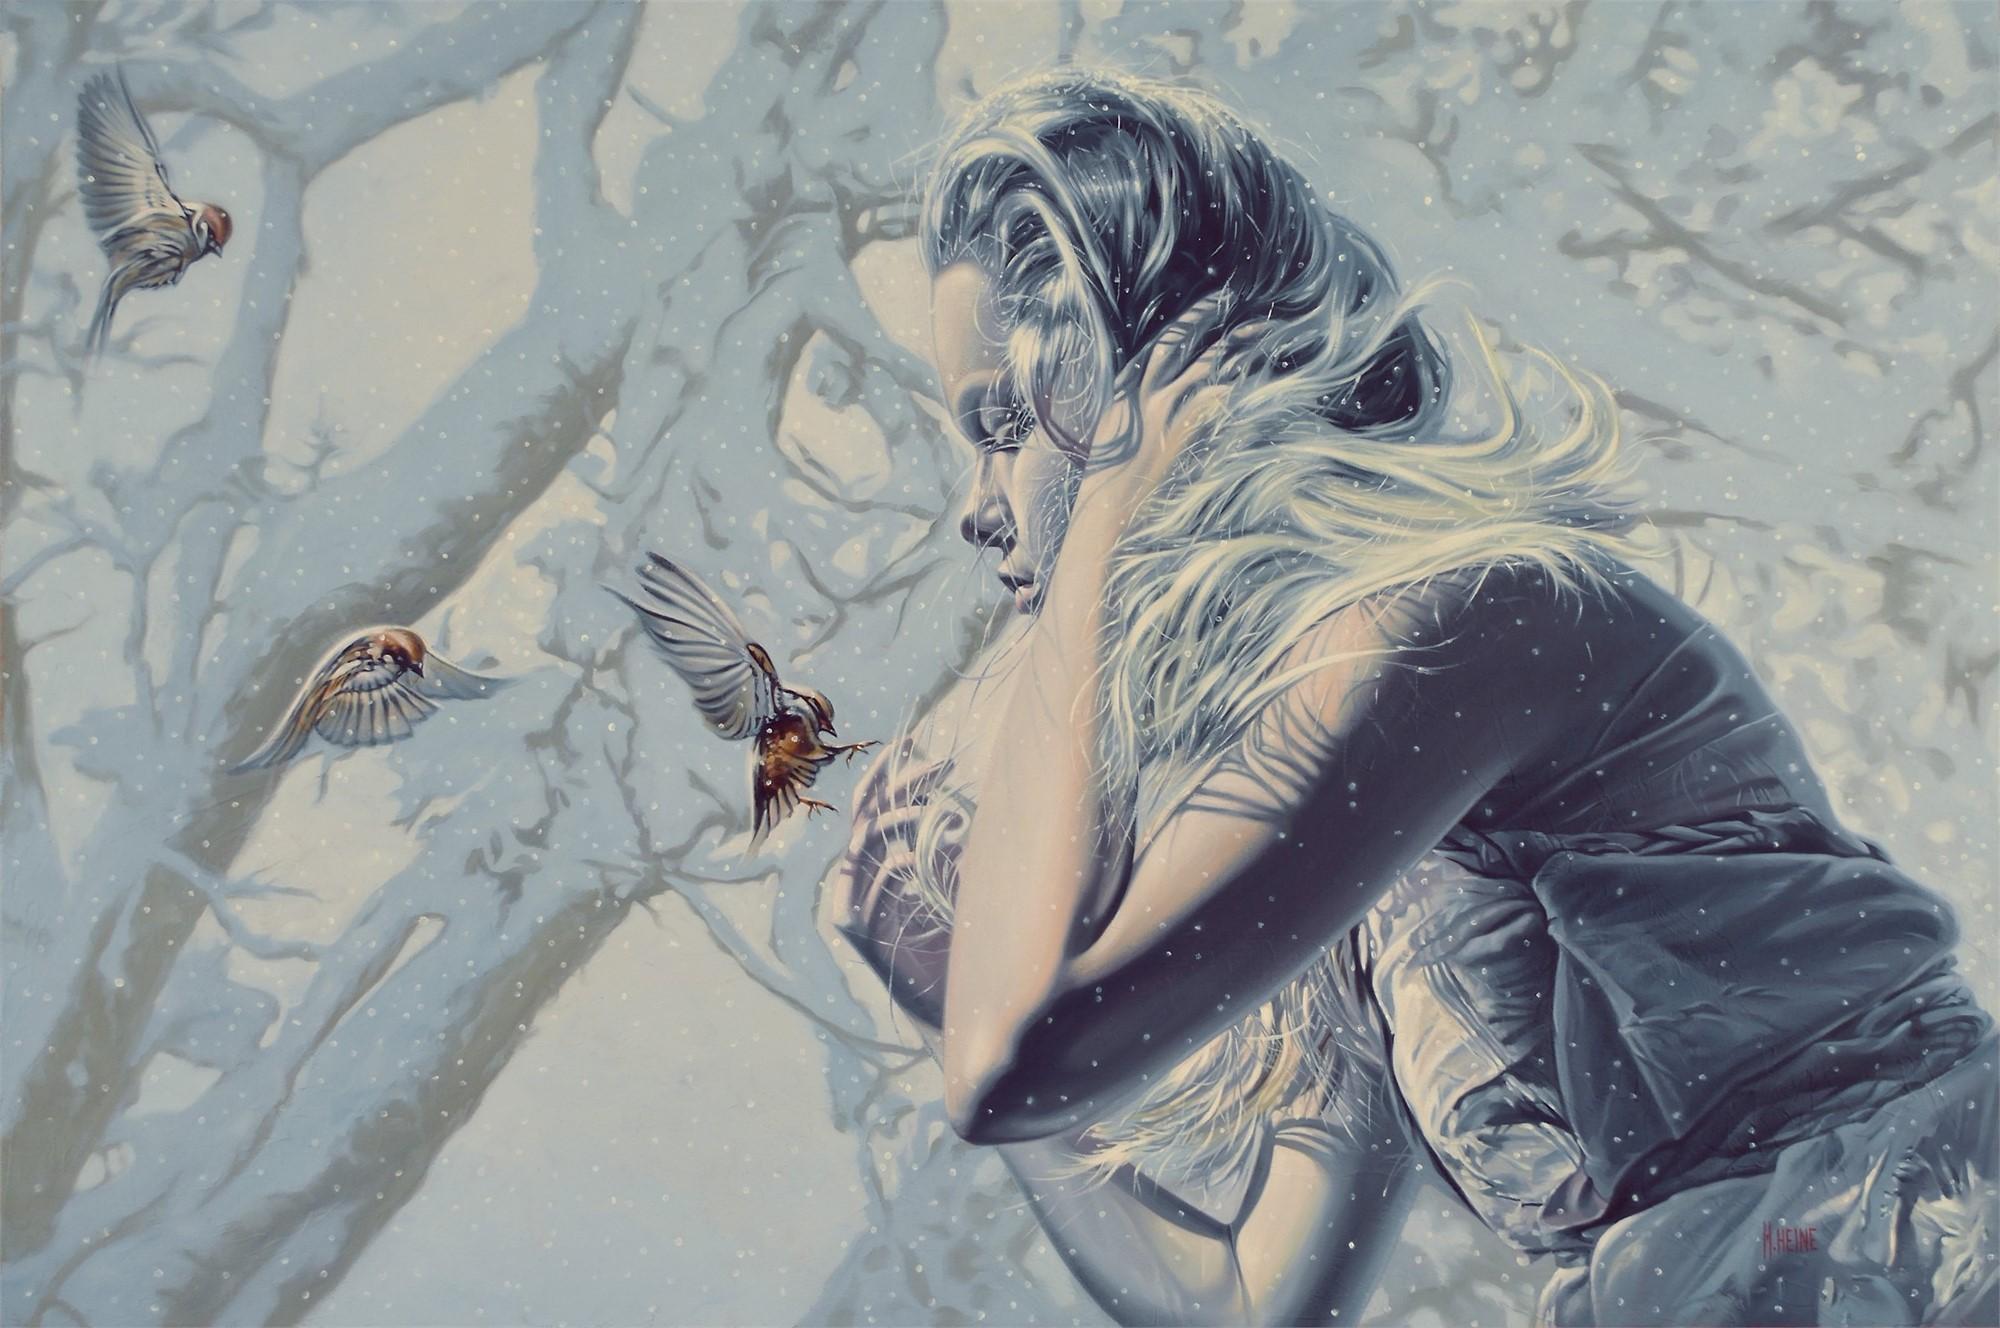 Three Little Birds by Mark Heine